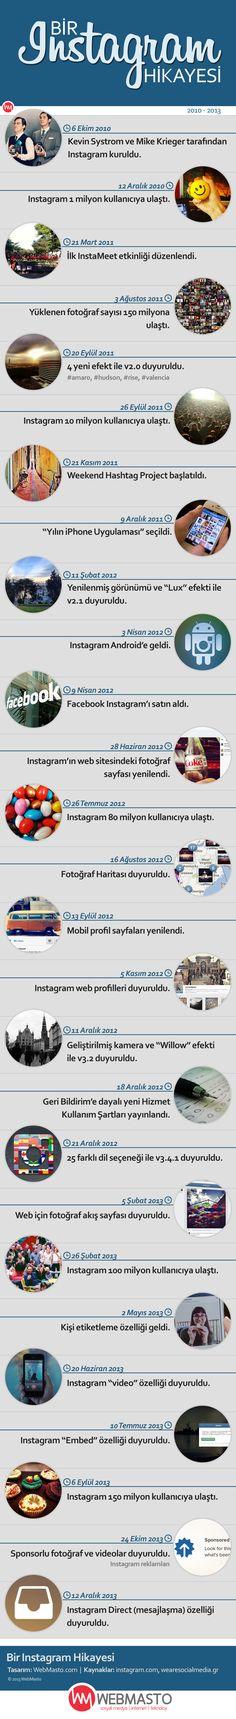 Bir Instagram Hikayesi  http://www.webmasto.com/bir-instagram-hikayesi-infografik